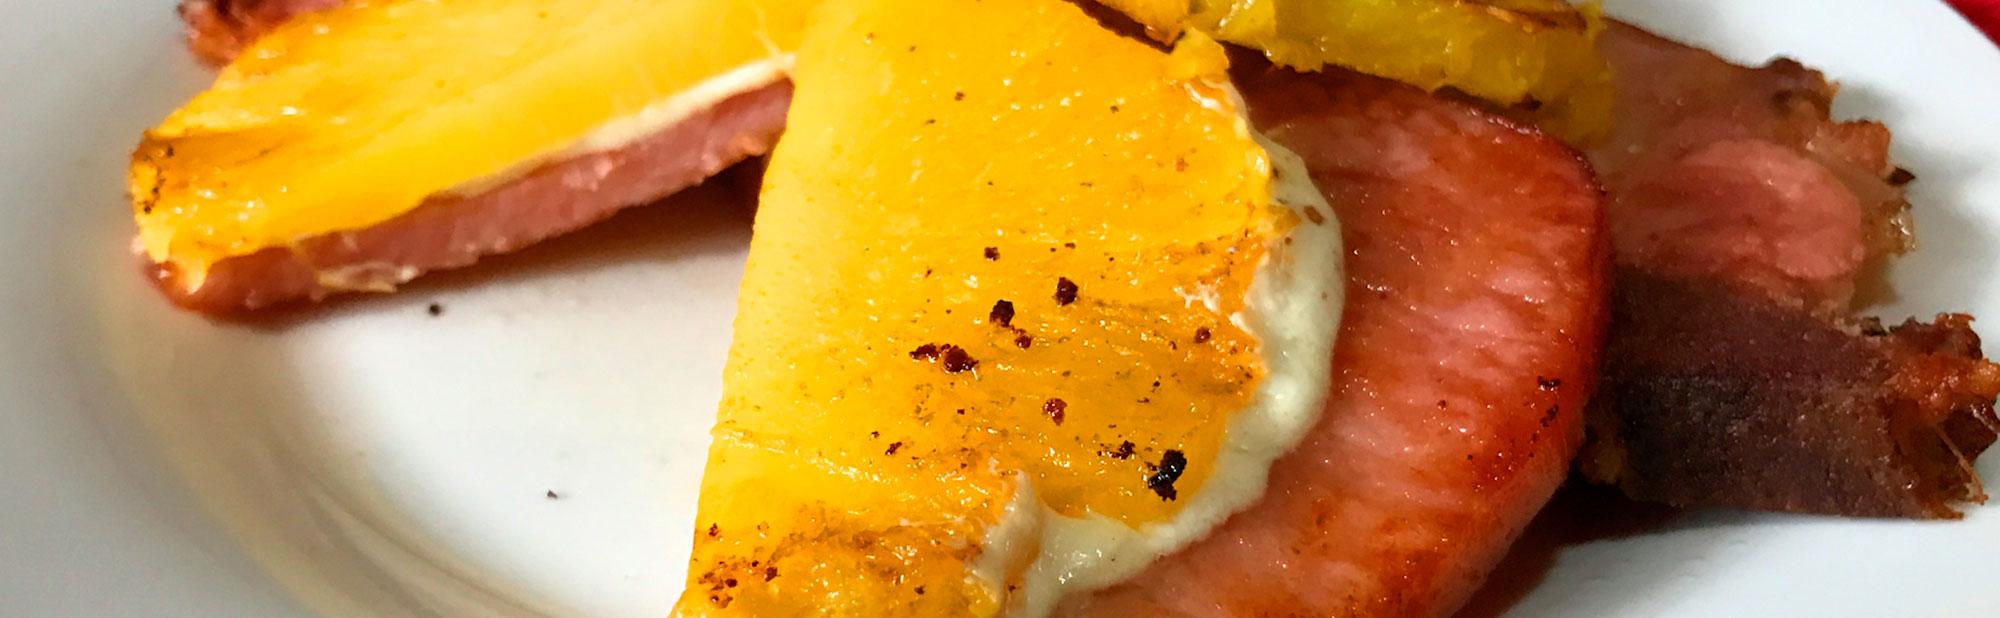 La Antojadera | Chuleta de Cerdo con Piña